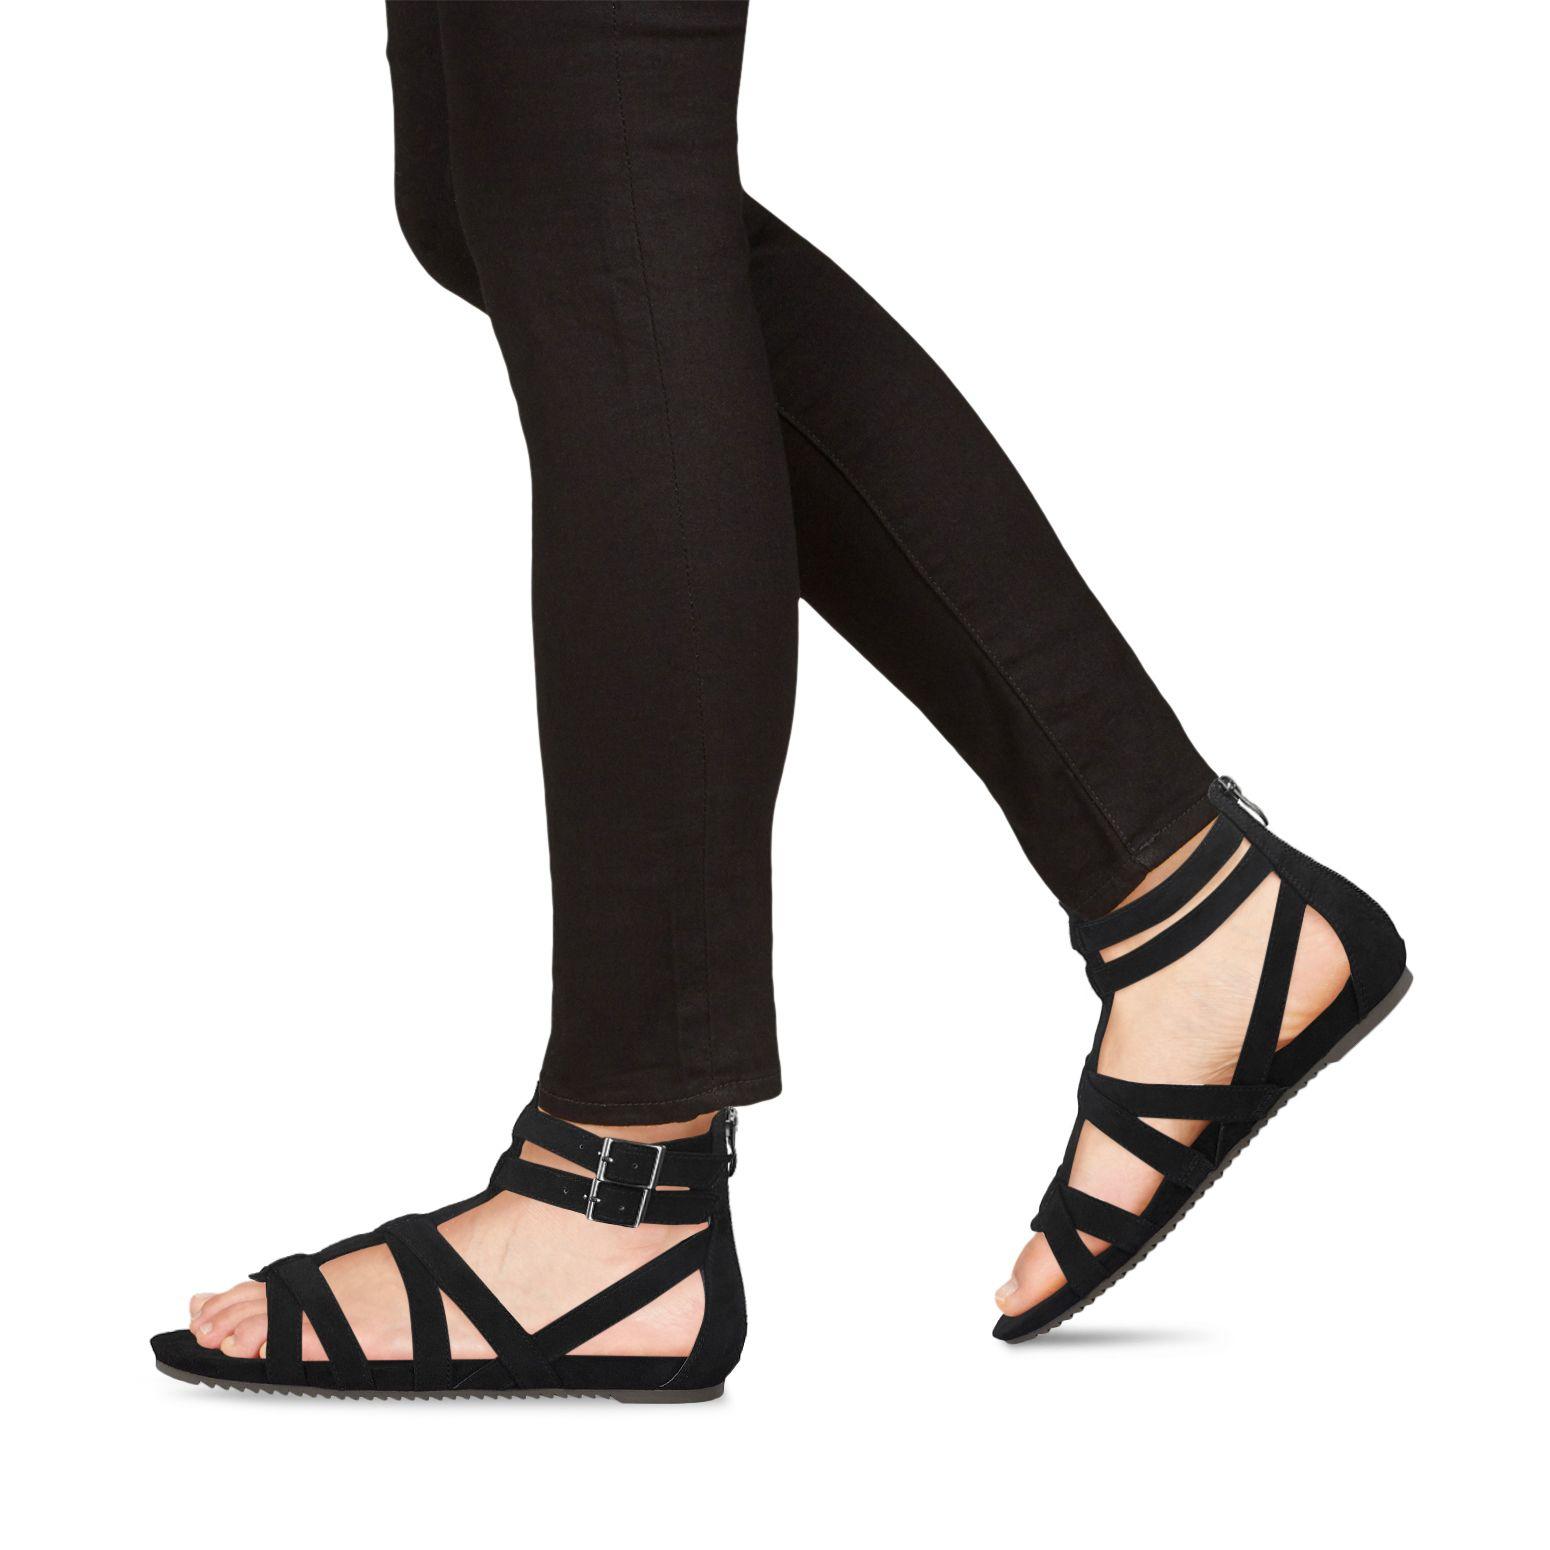 | Tamaris Women's Locust 1 1 28602 20 | Sandals